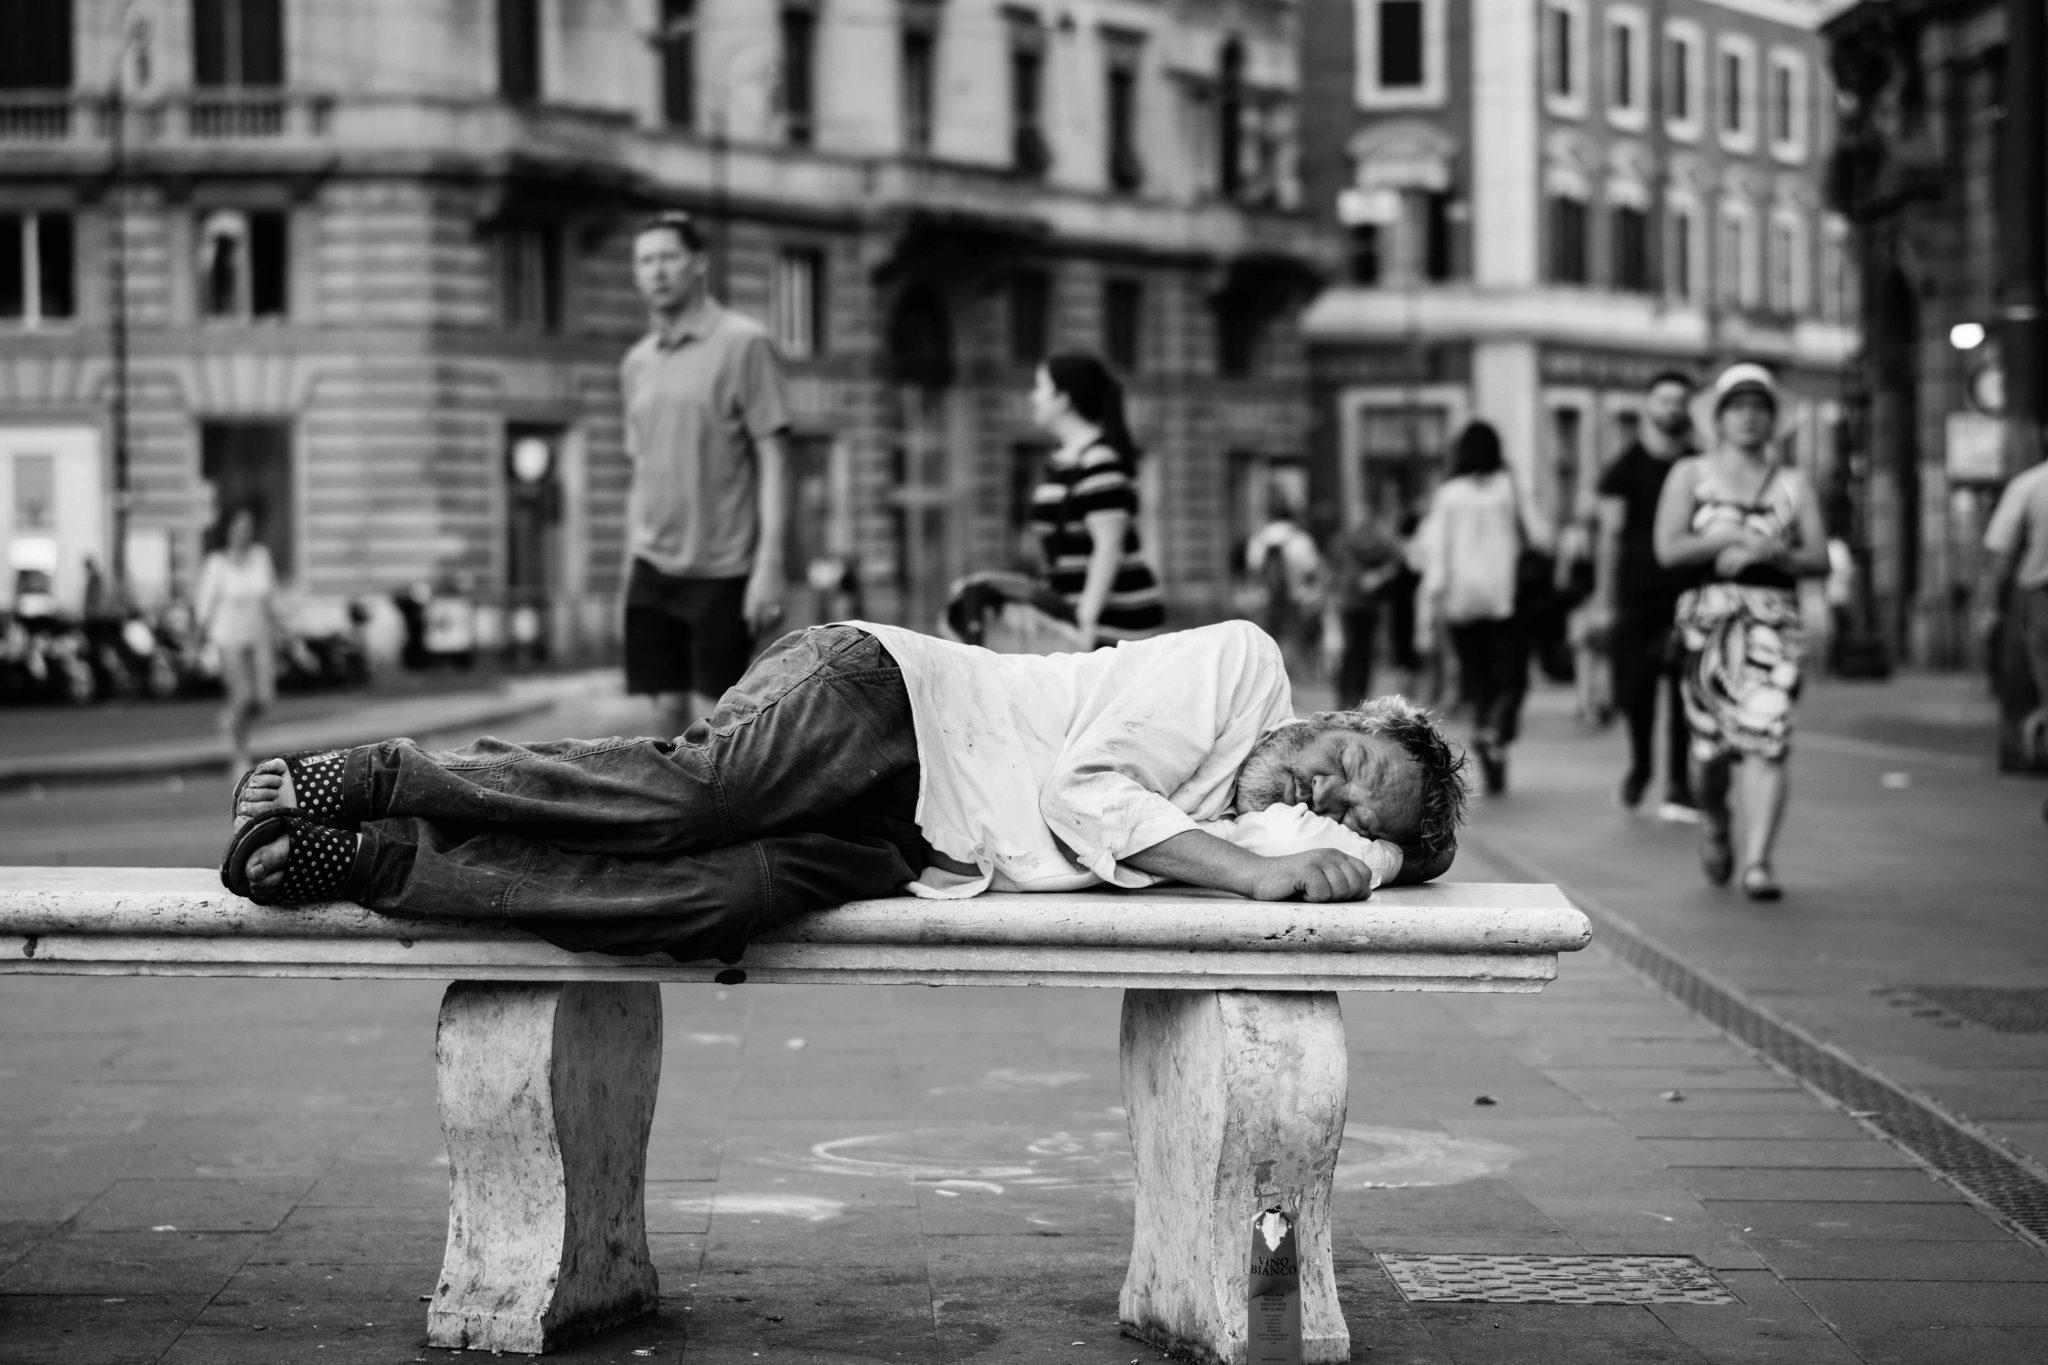 Un senzatetto a Roma, possibile beneficiario del reddito di cittadinanza